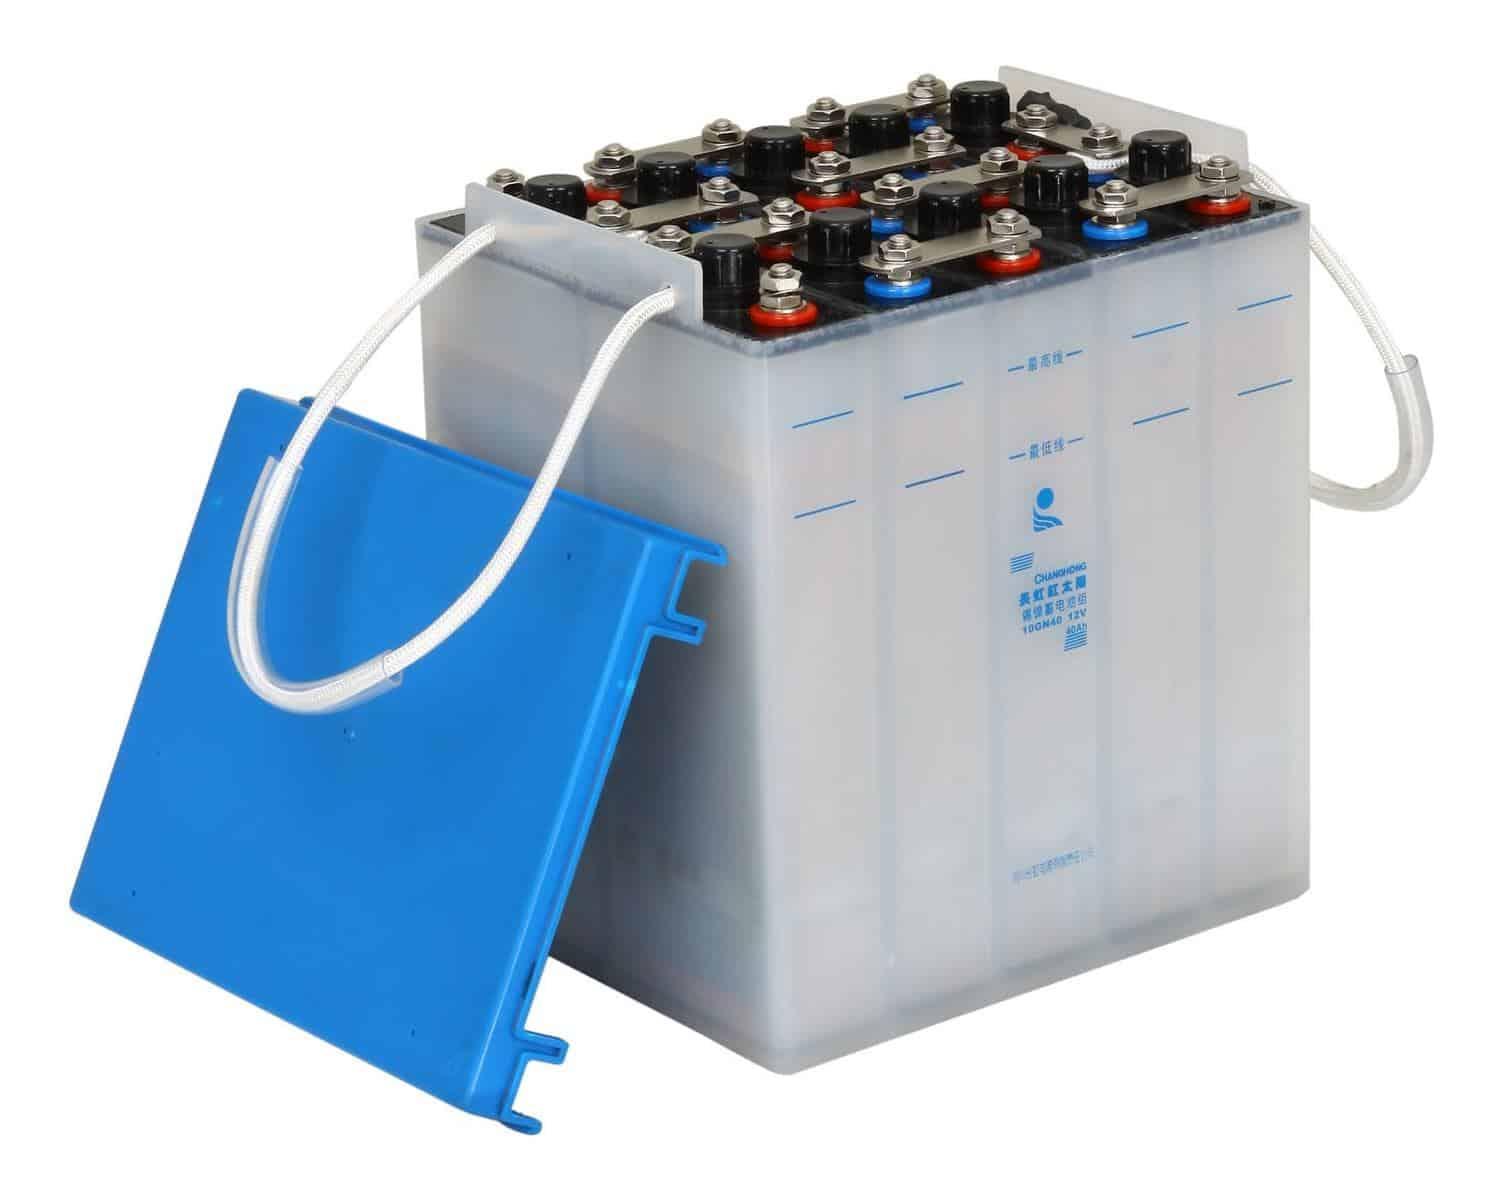 Bateria de níquel da marca CHANGHONG